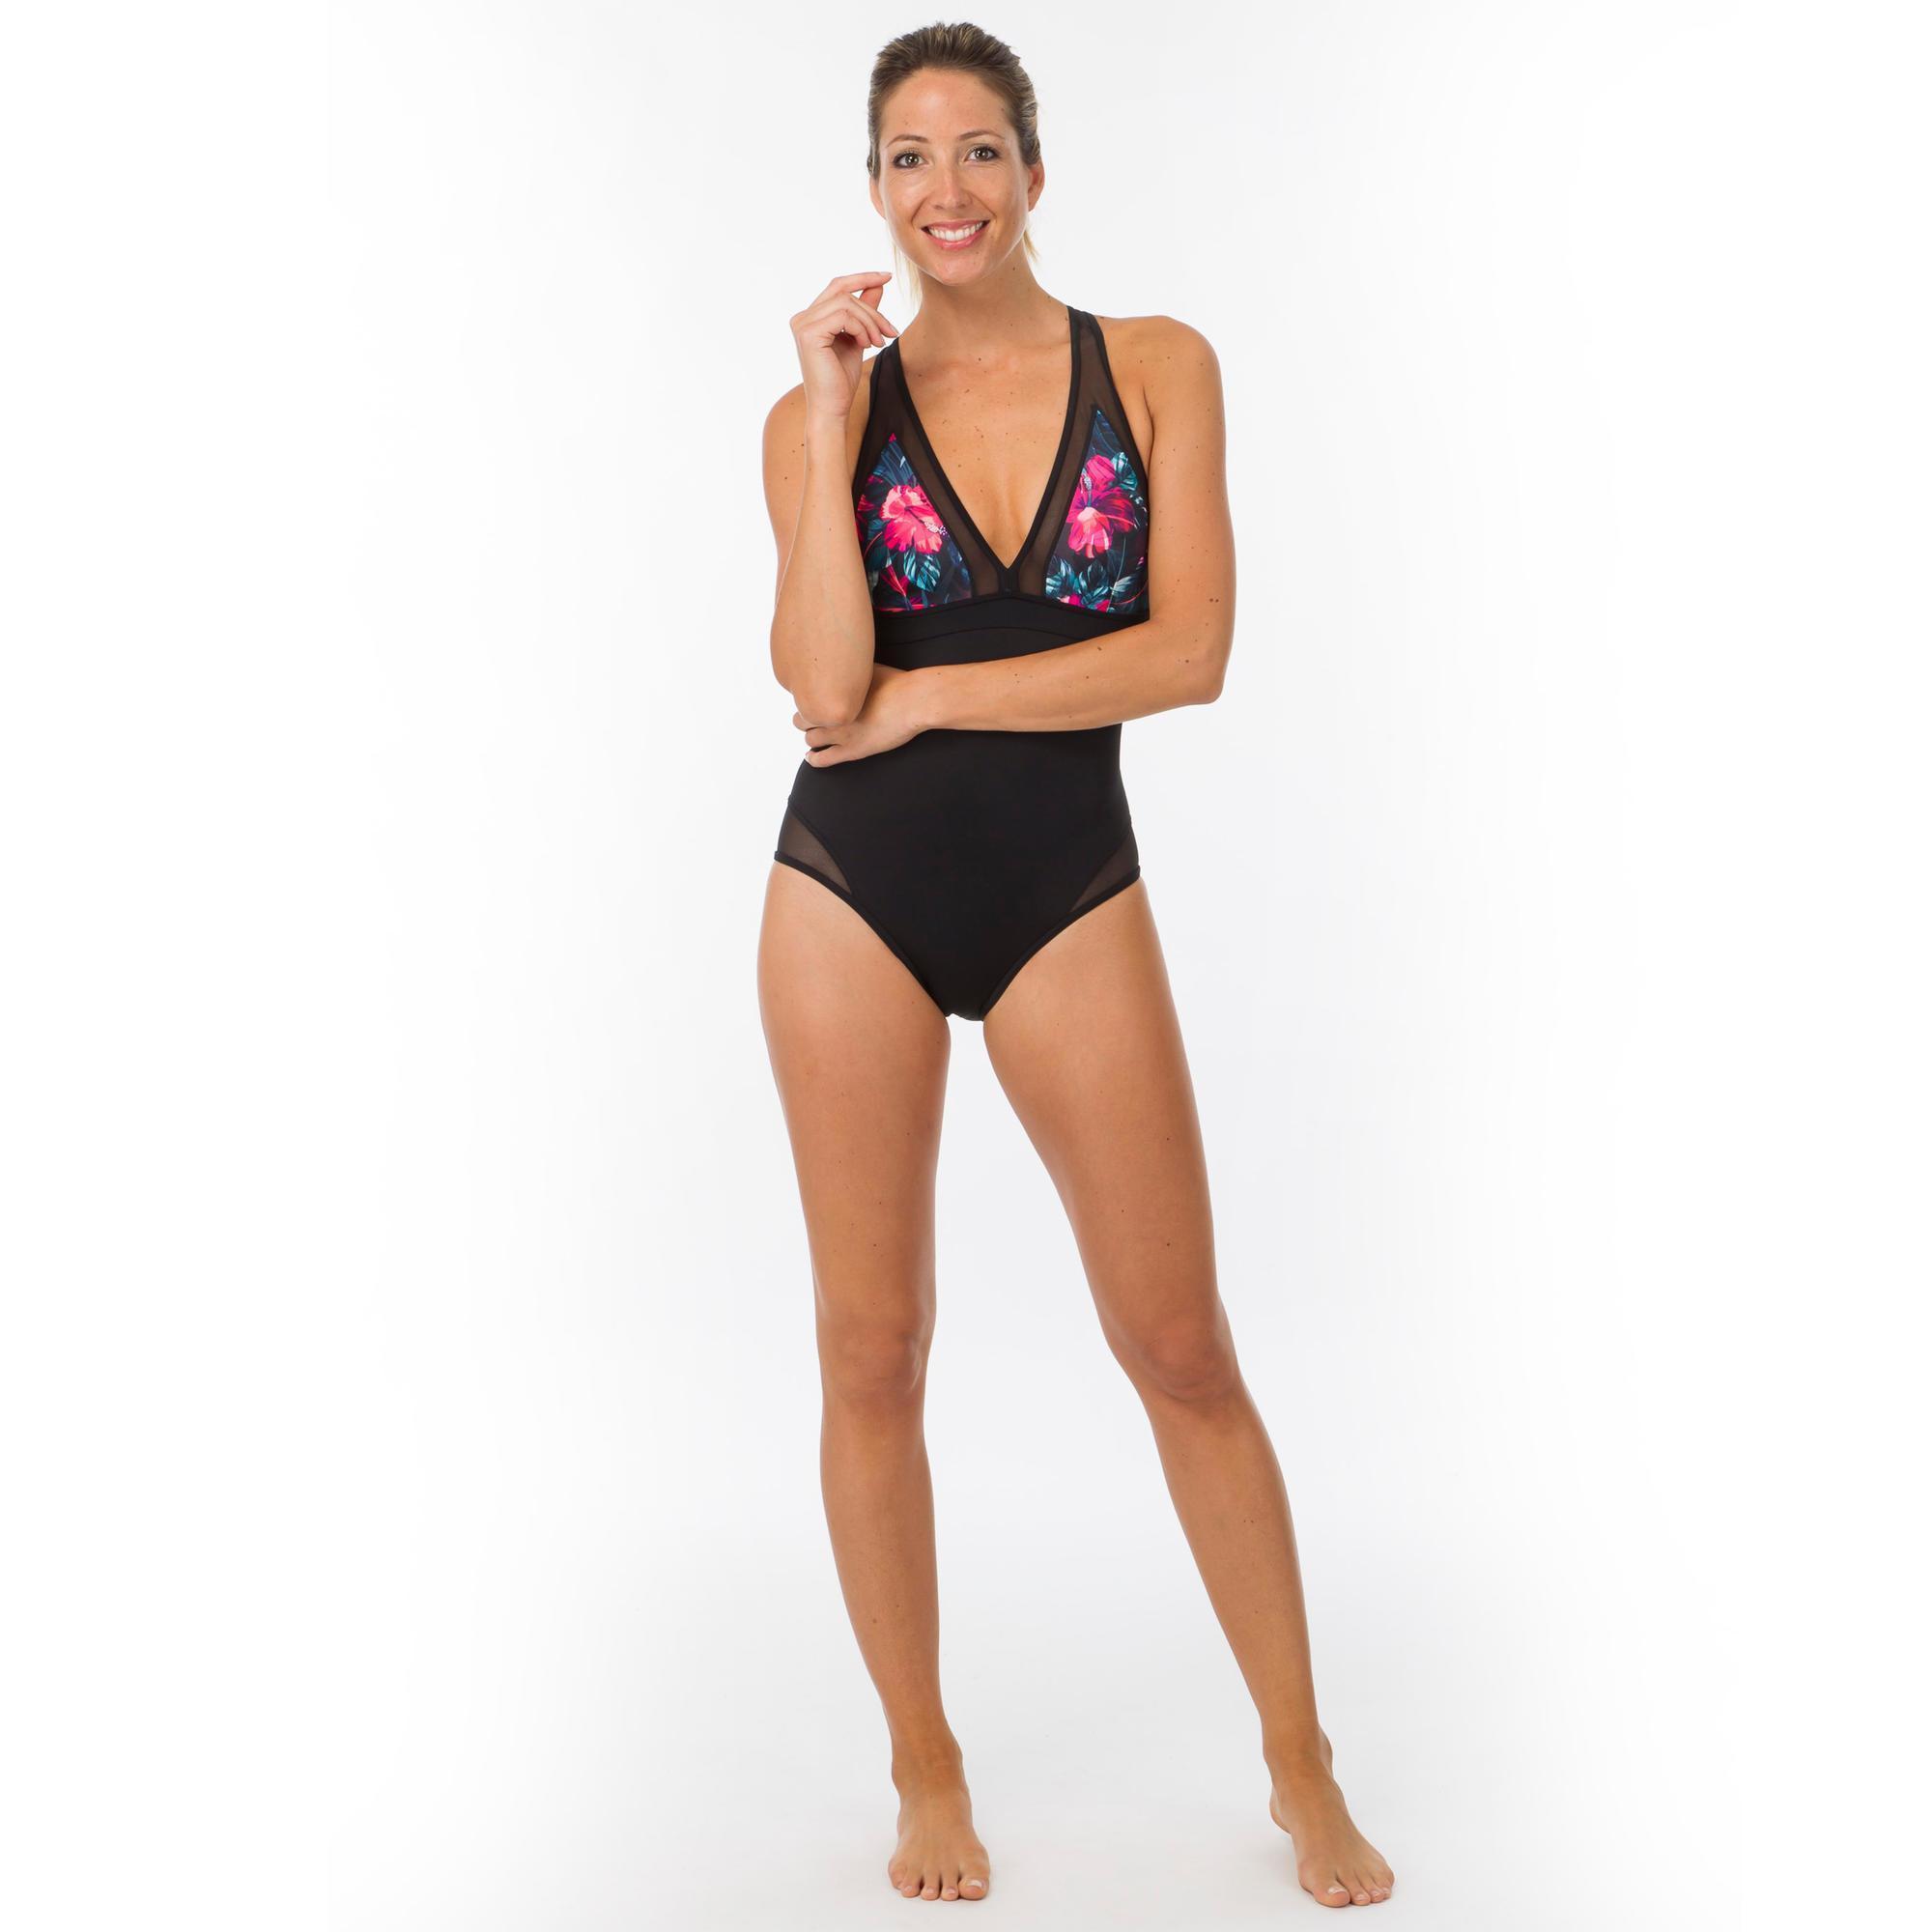 9672c5c23 Comprar Bañadores Surferos de Playa para Mujer Online | Decathlon